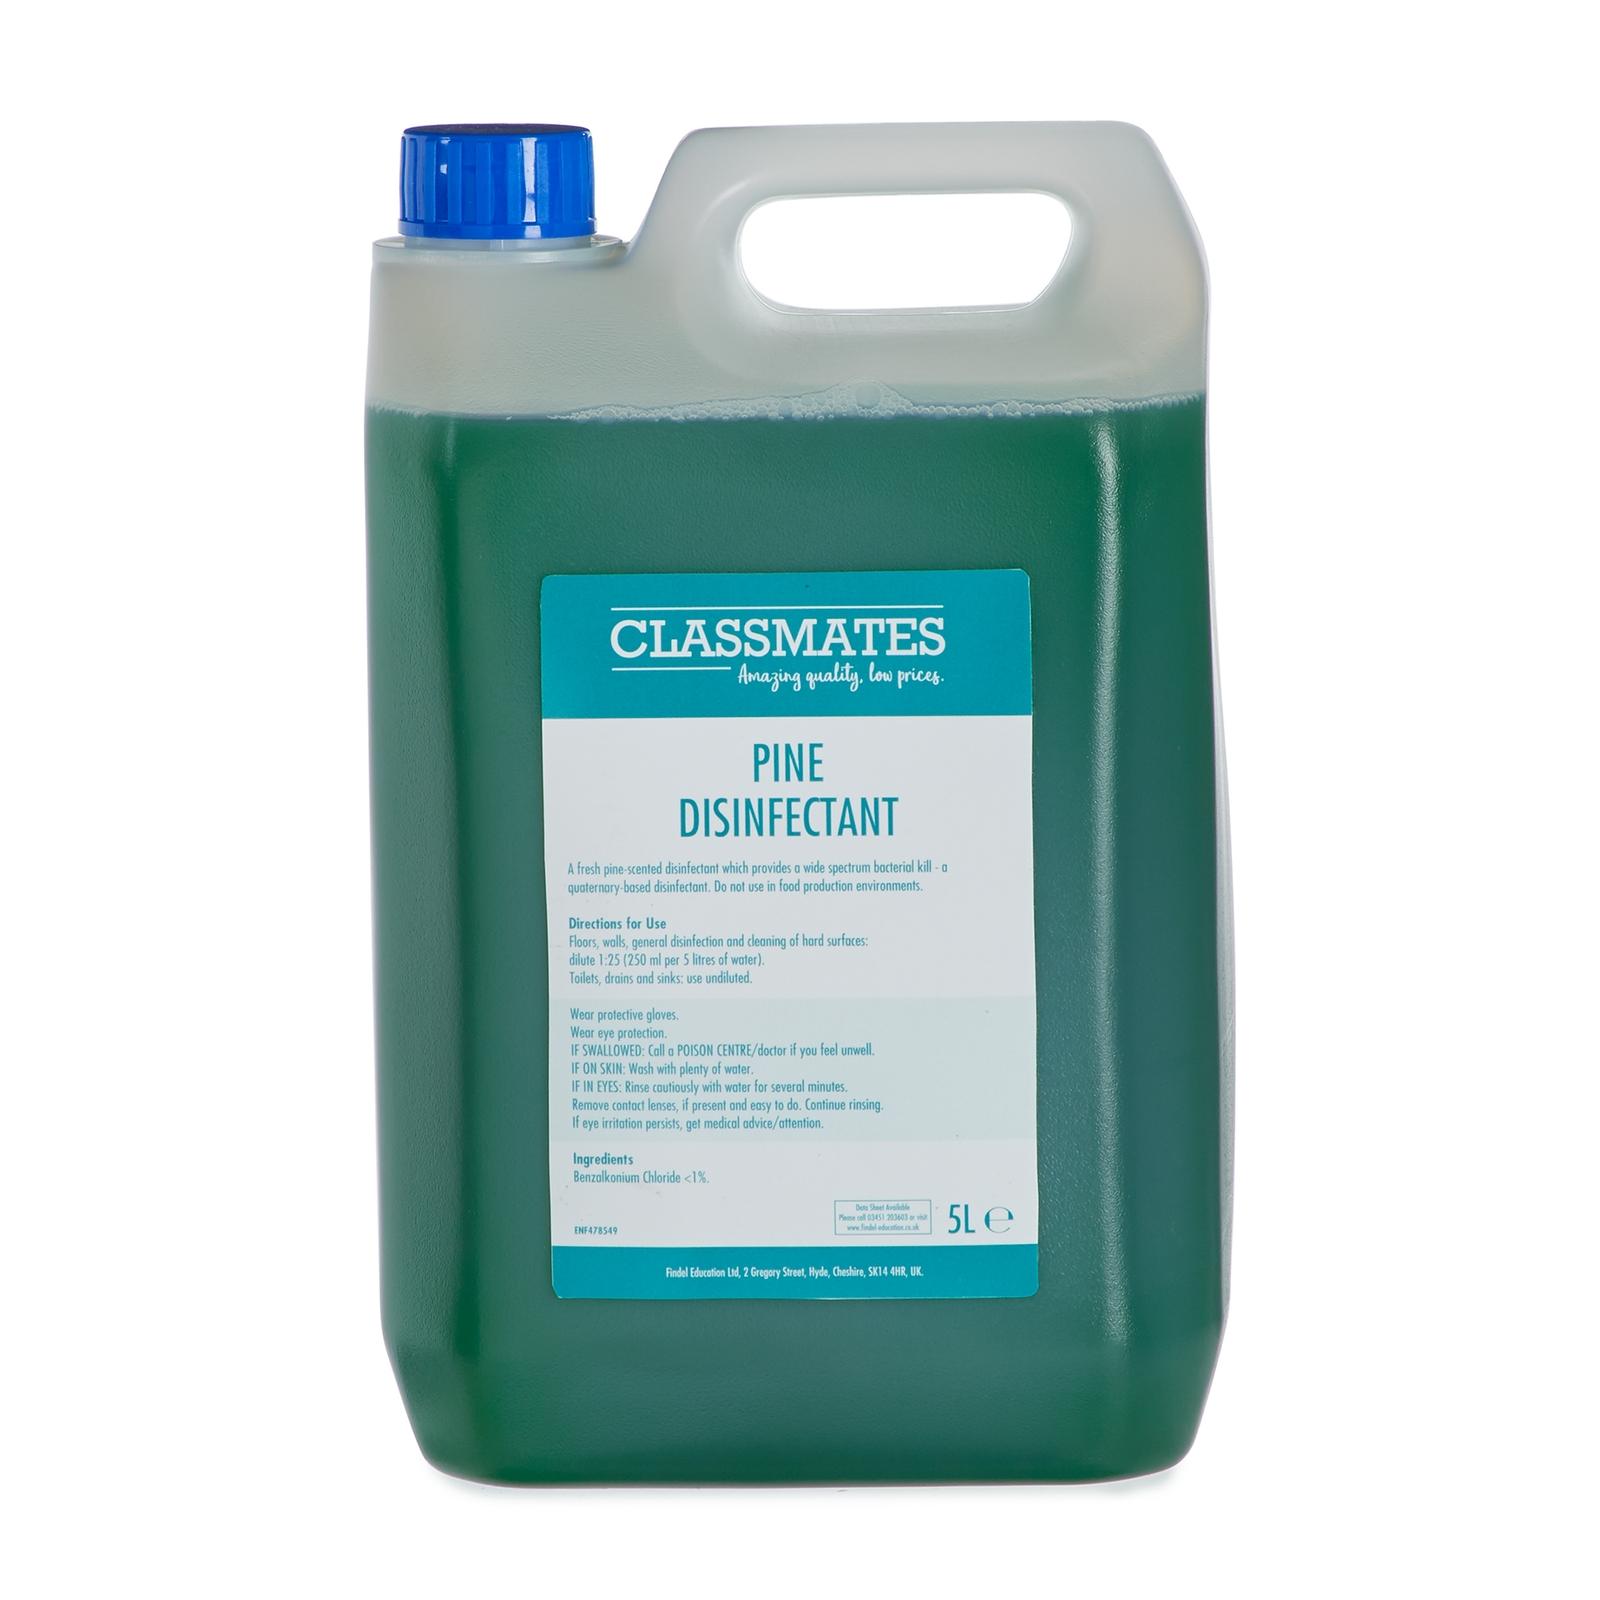 Classmates Disinfectant - Pine